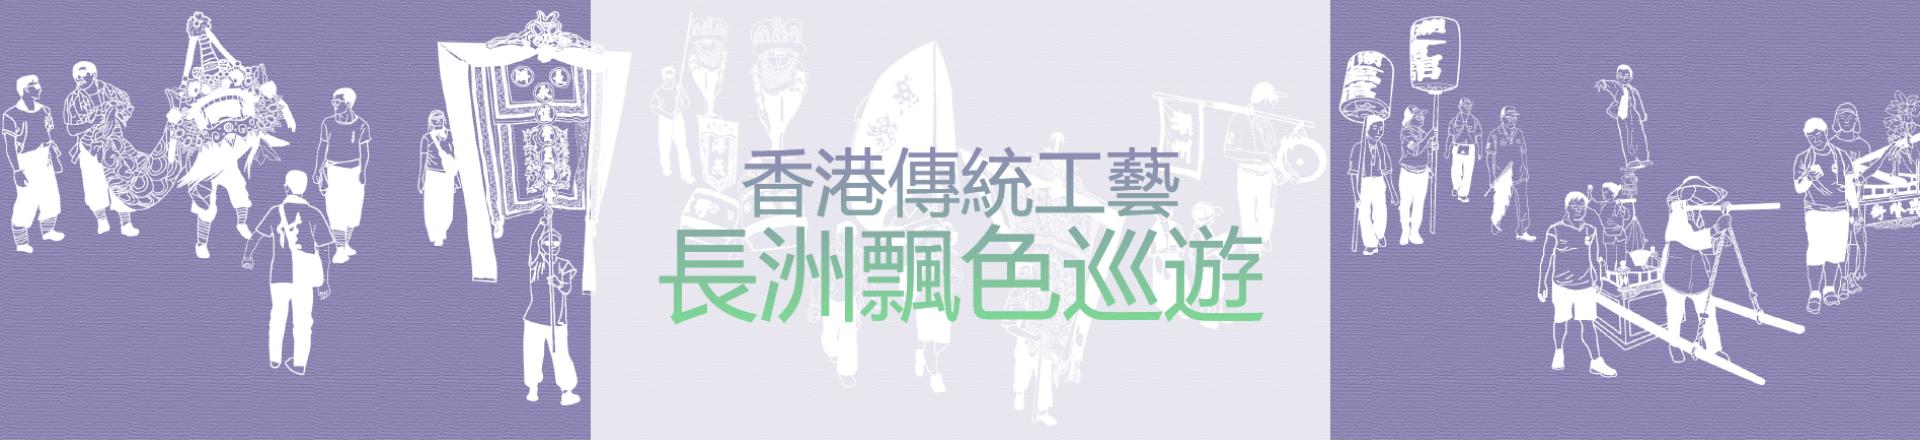 Hong Kong Piu Sik Parade